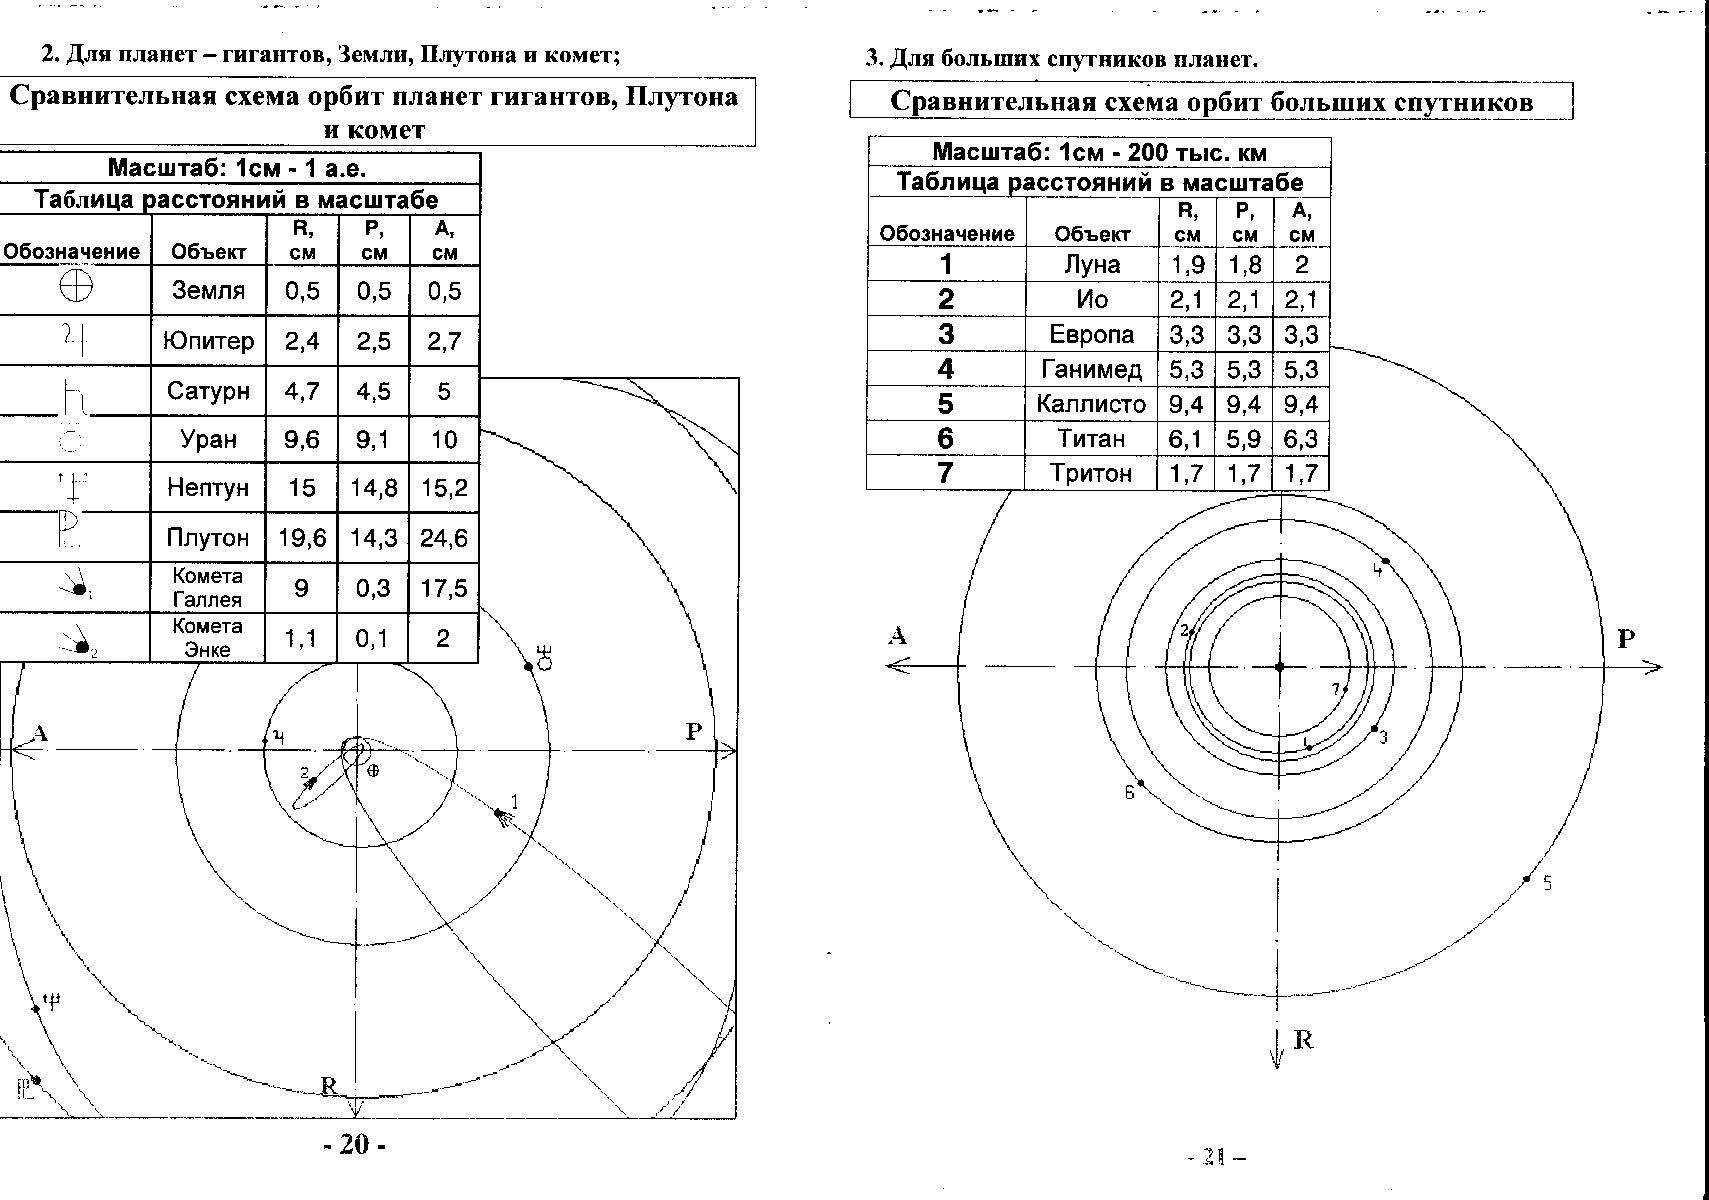 Практическая работа исследование астрономических моделей работа для девушек с ежедневной оплатой тюмень